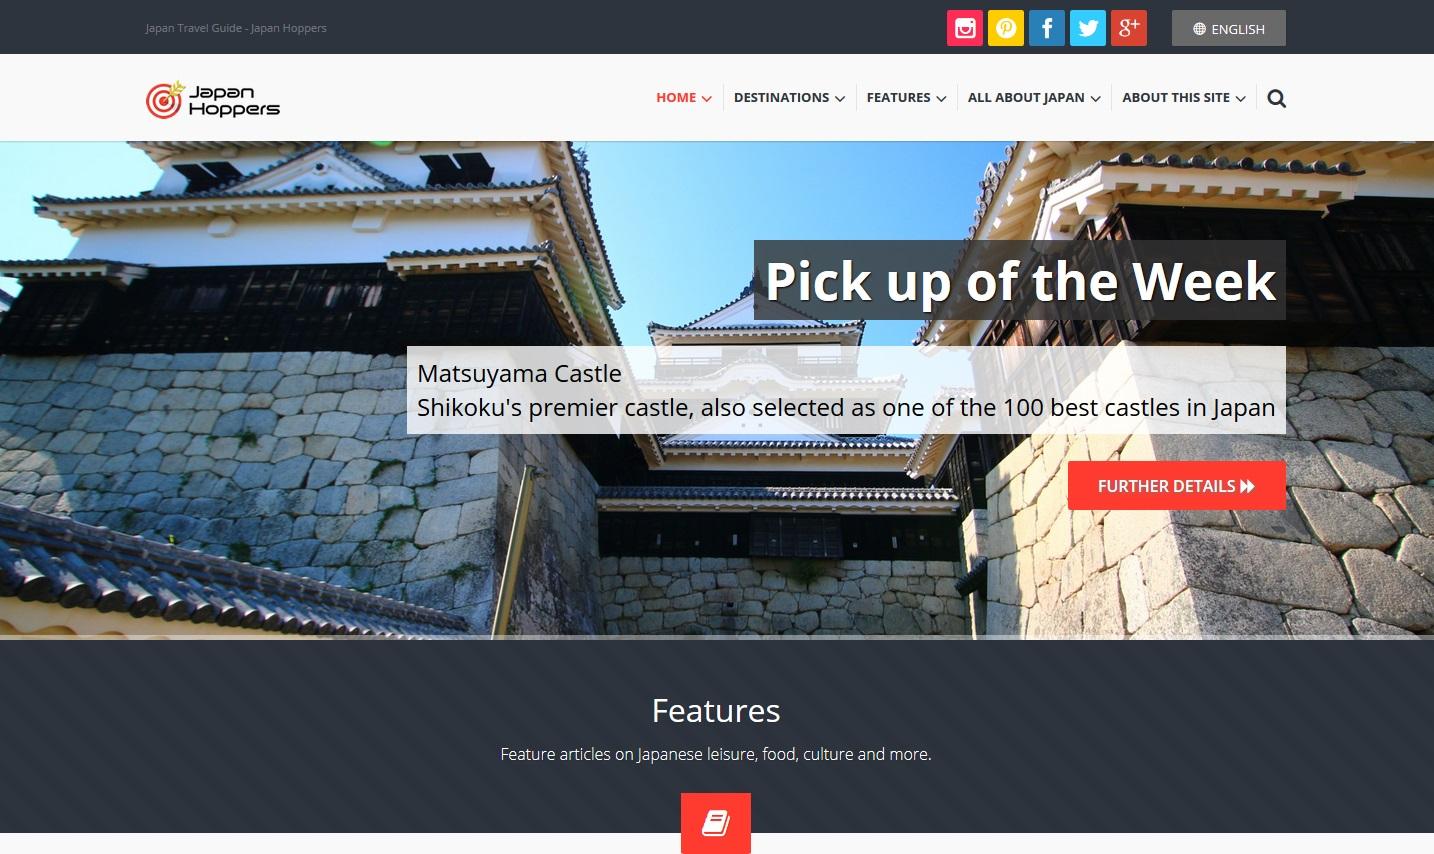 多言語による日本の観光情報発信